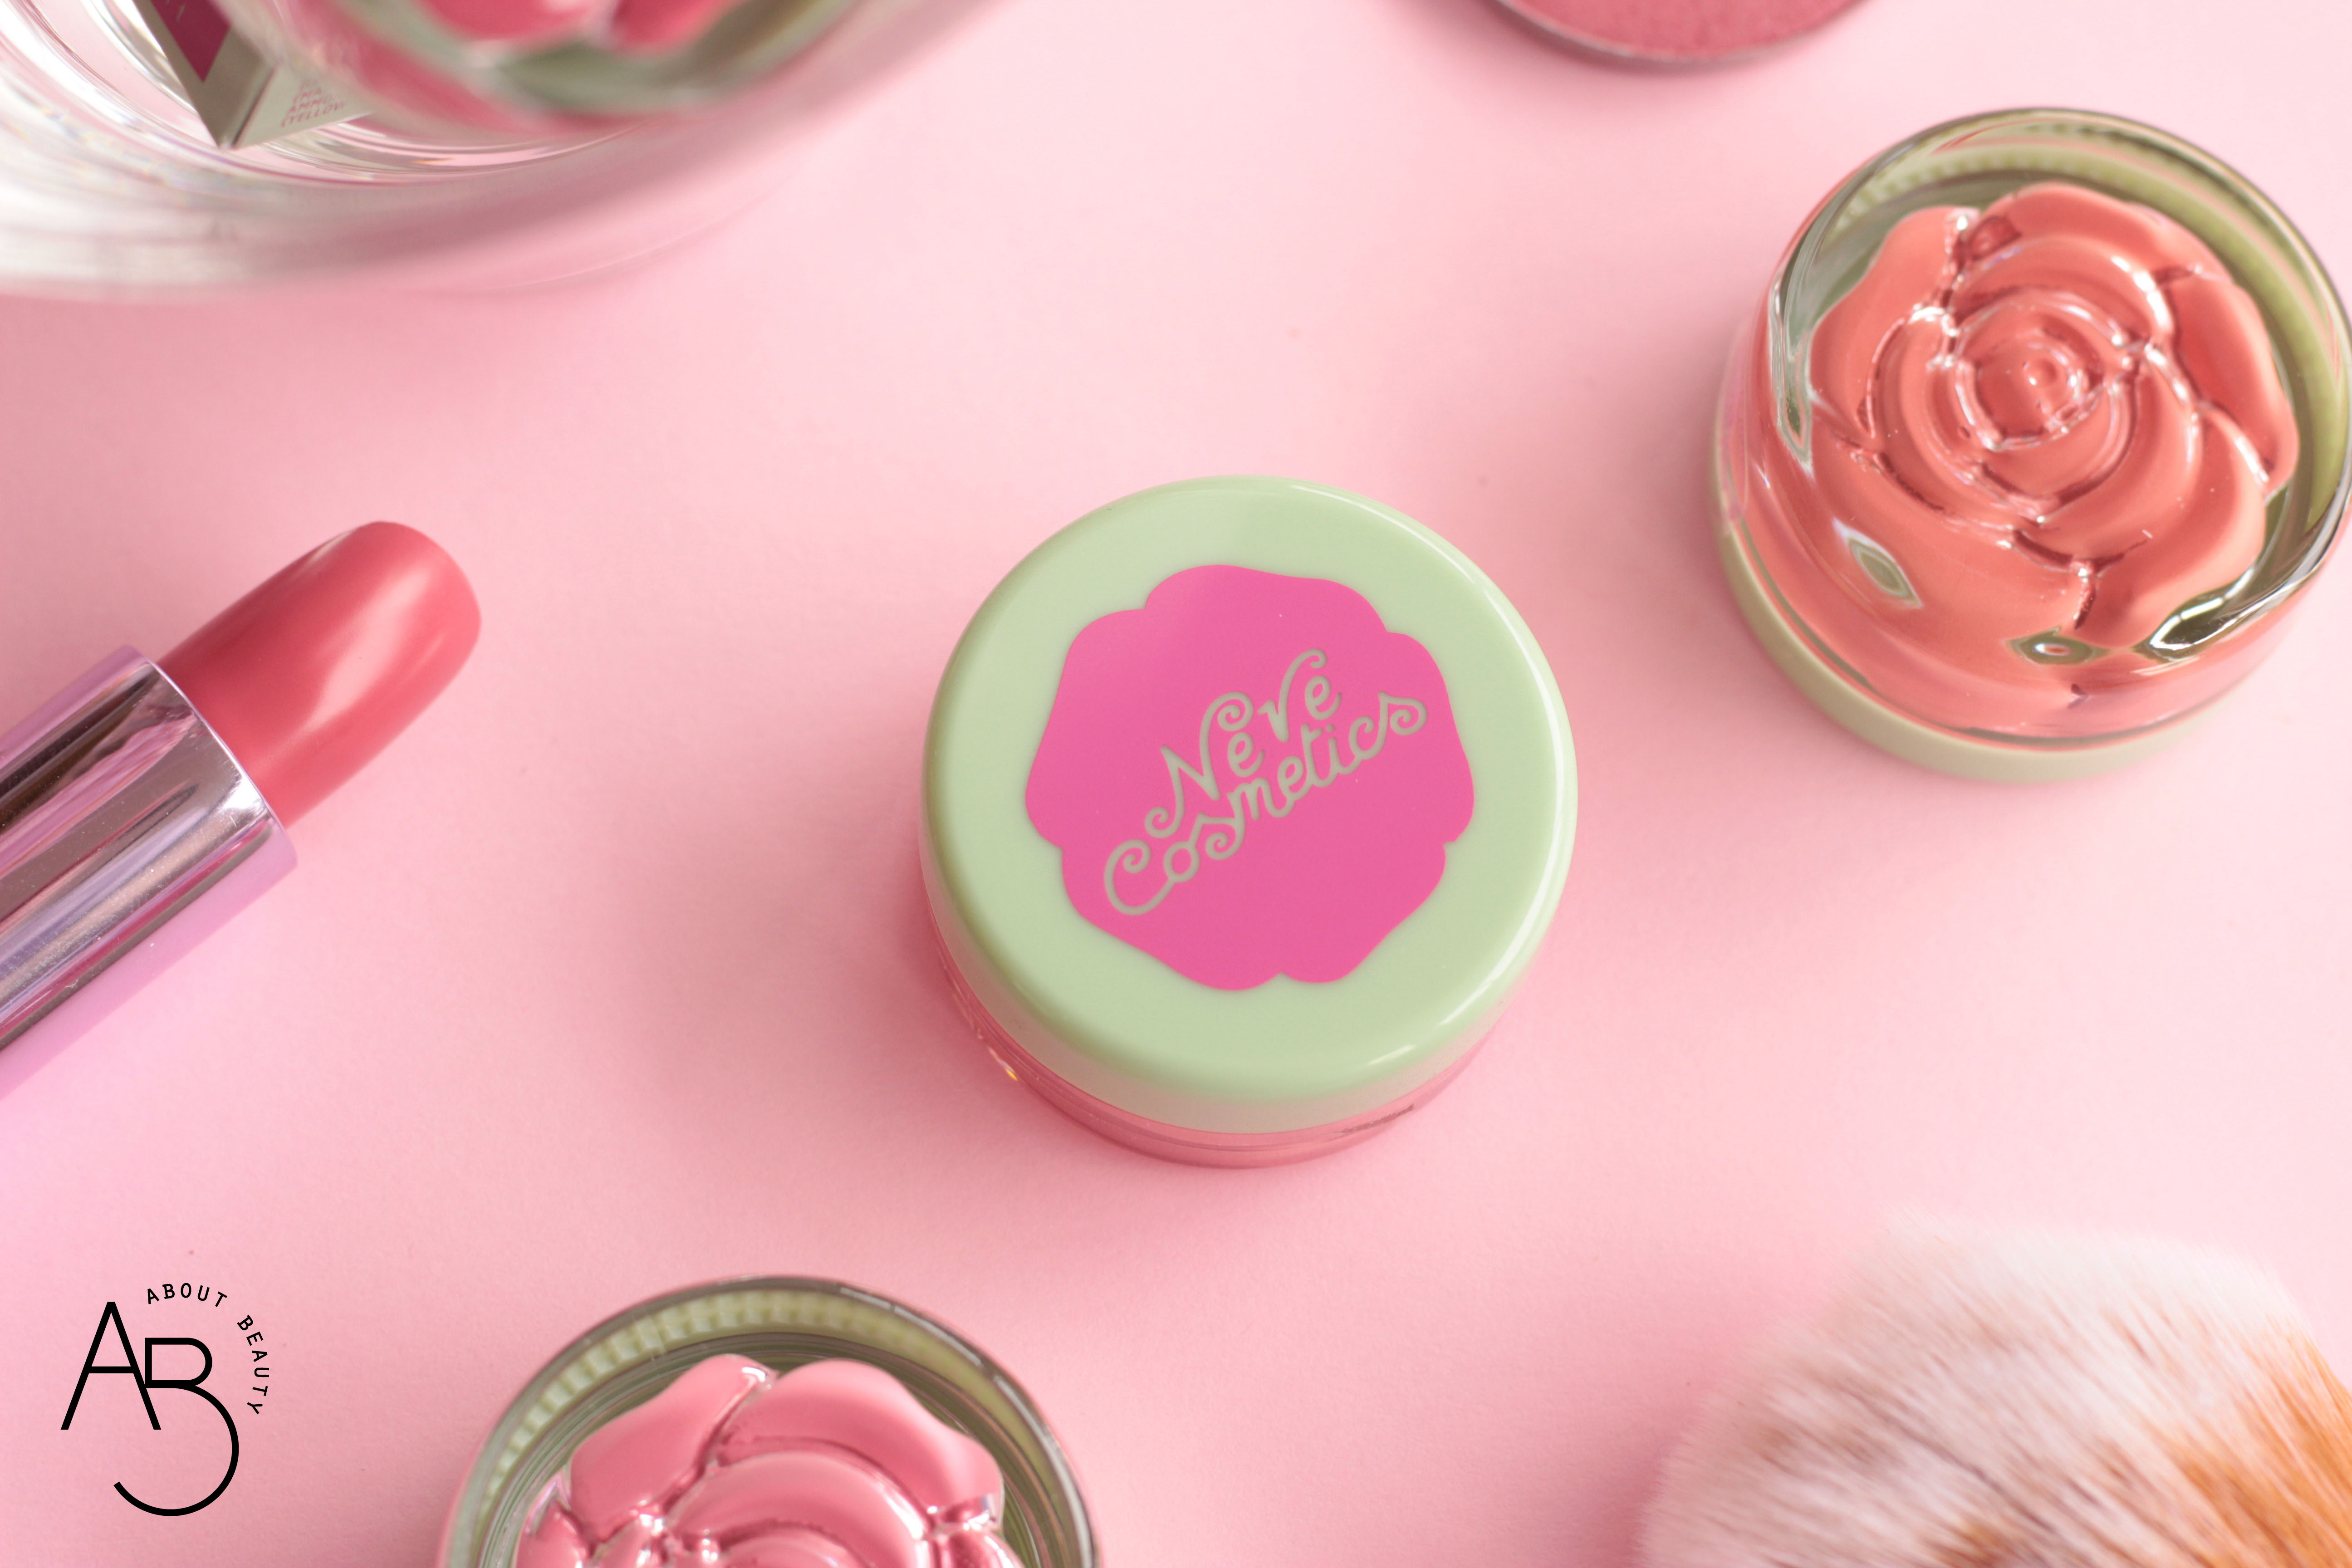 Blush Garden Neve Cosmetics: recensione, review, swatch, opinioni, sconto, dove acquistare, prezzo - Il packaging interno